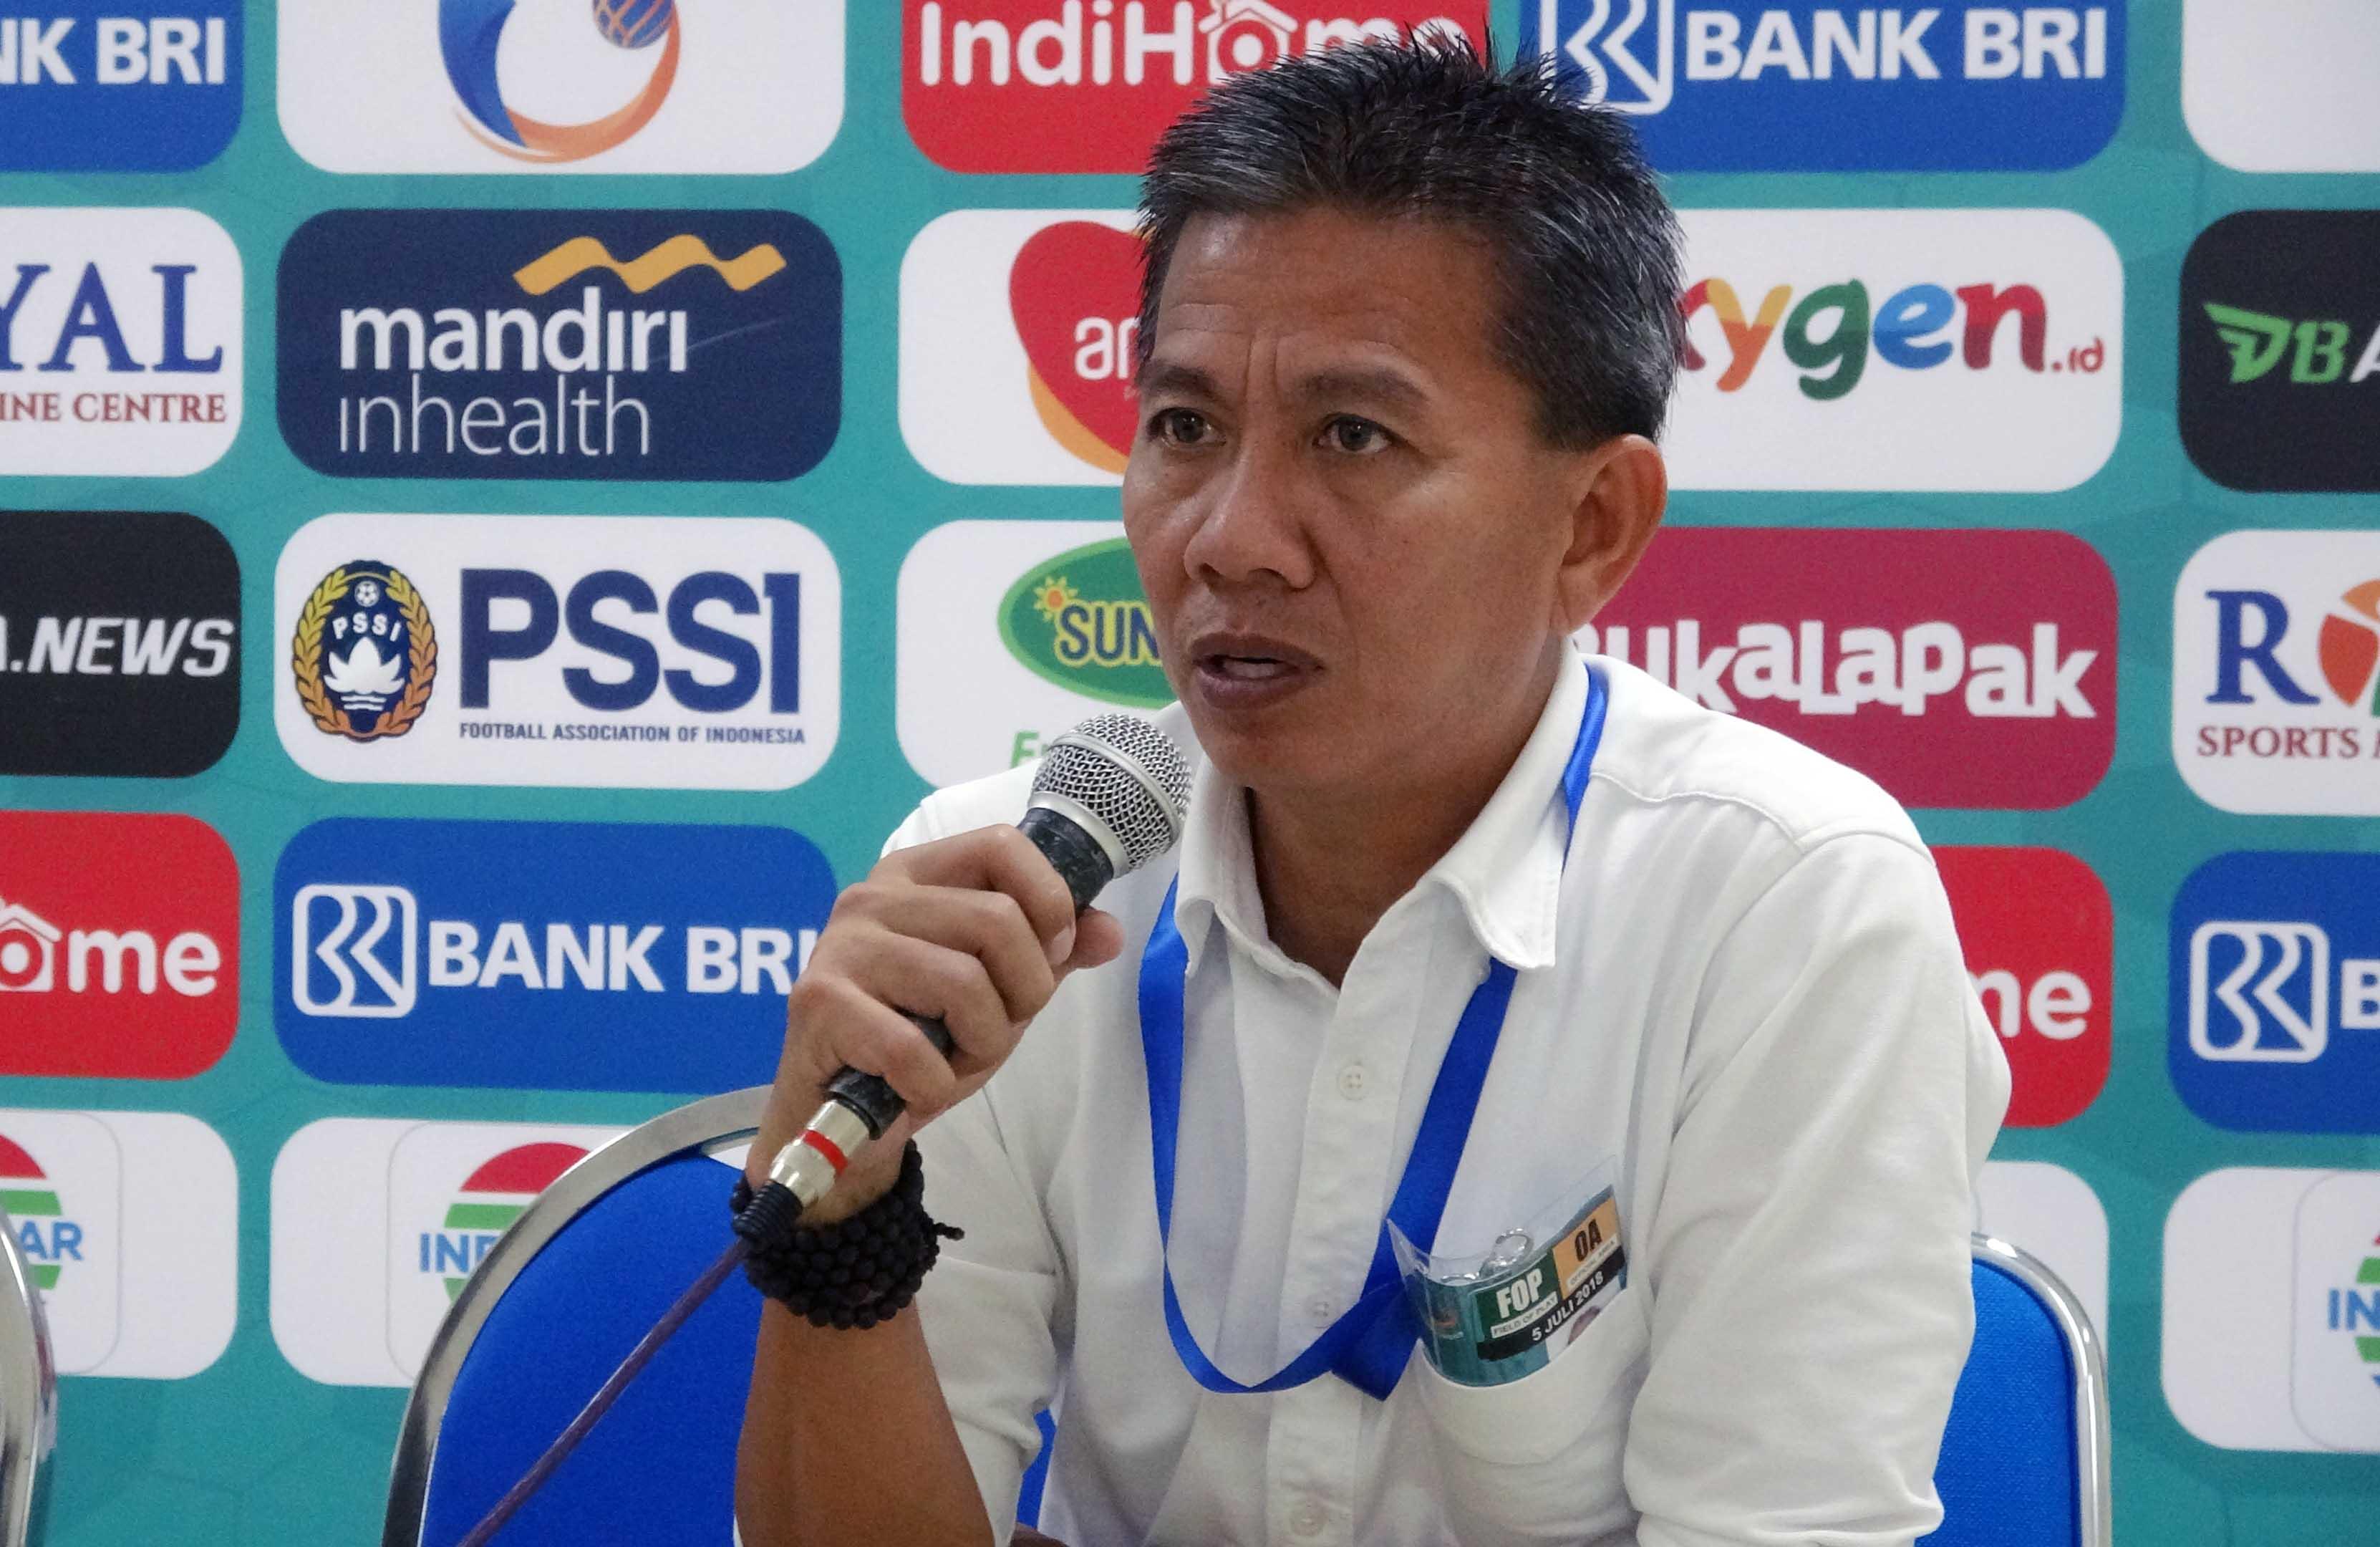 Thất bại giải Đông Nam Á, U19 Việt Nam tăng cường nhân sự VCK U19 châu Á - Bóng Đá